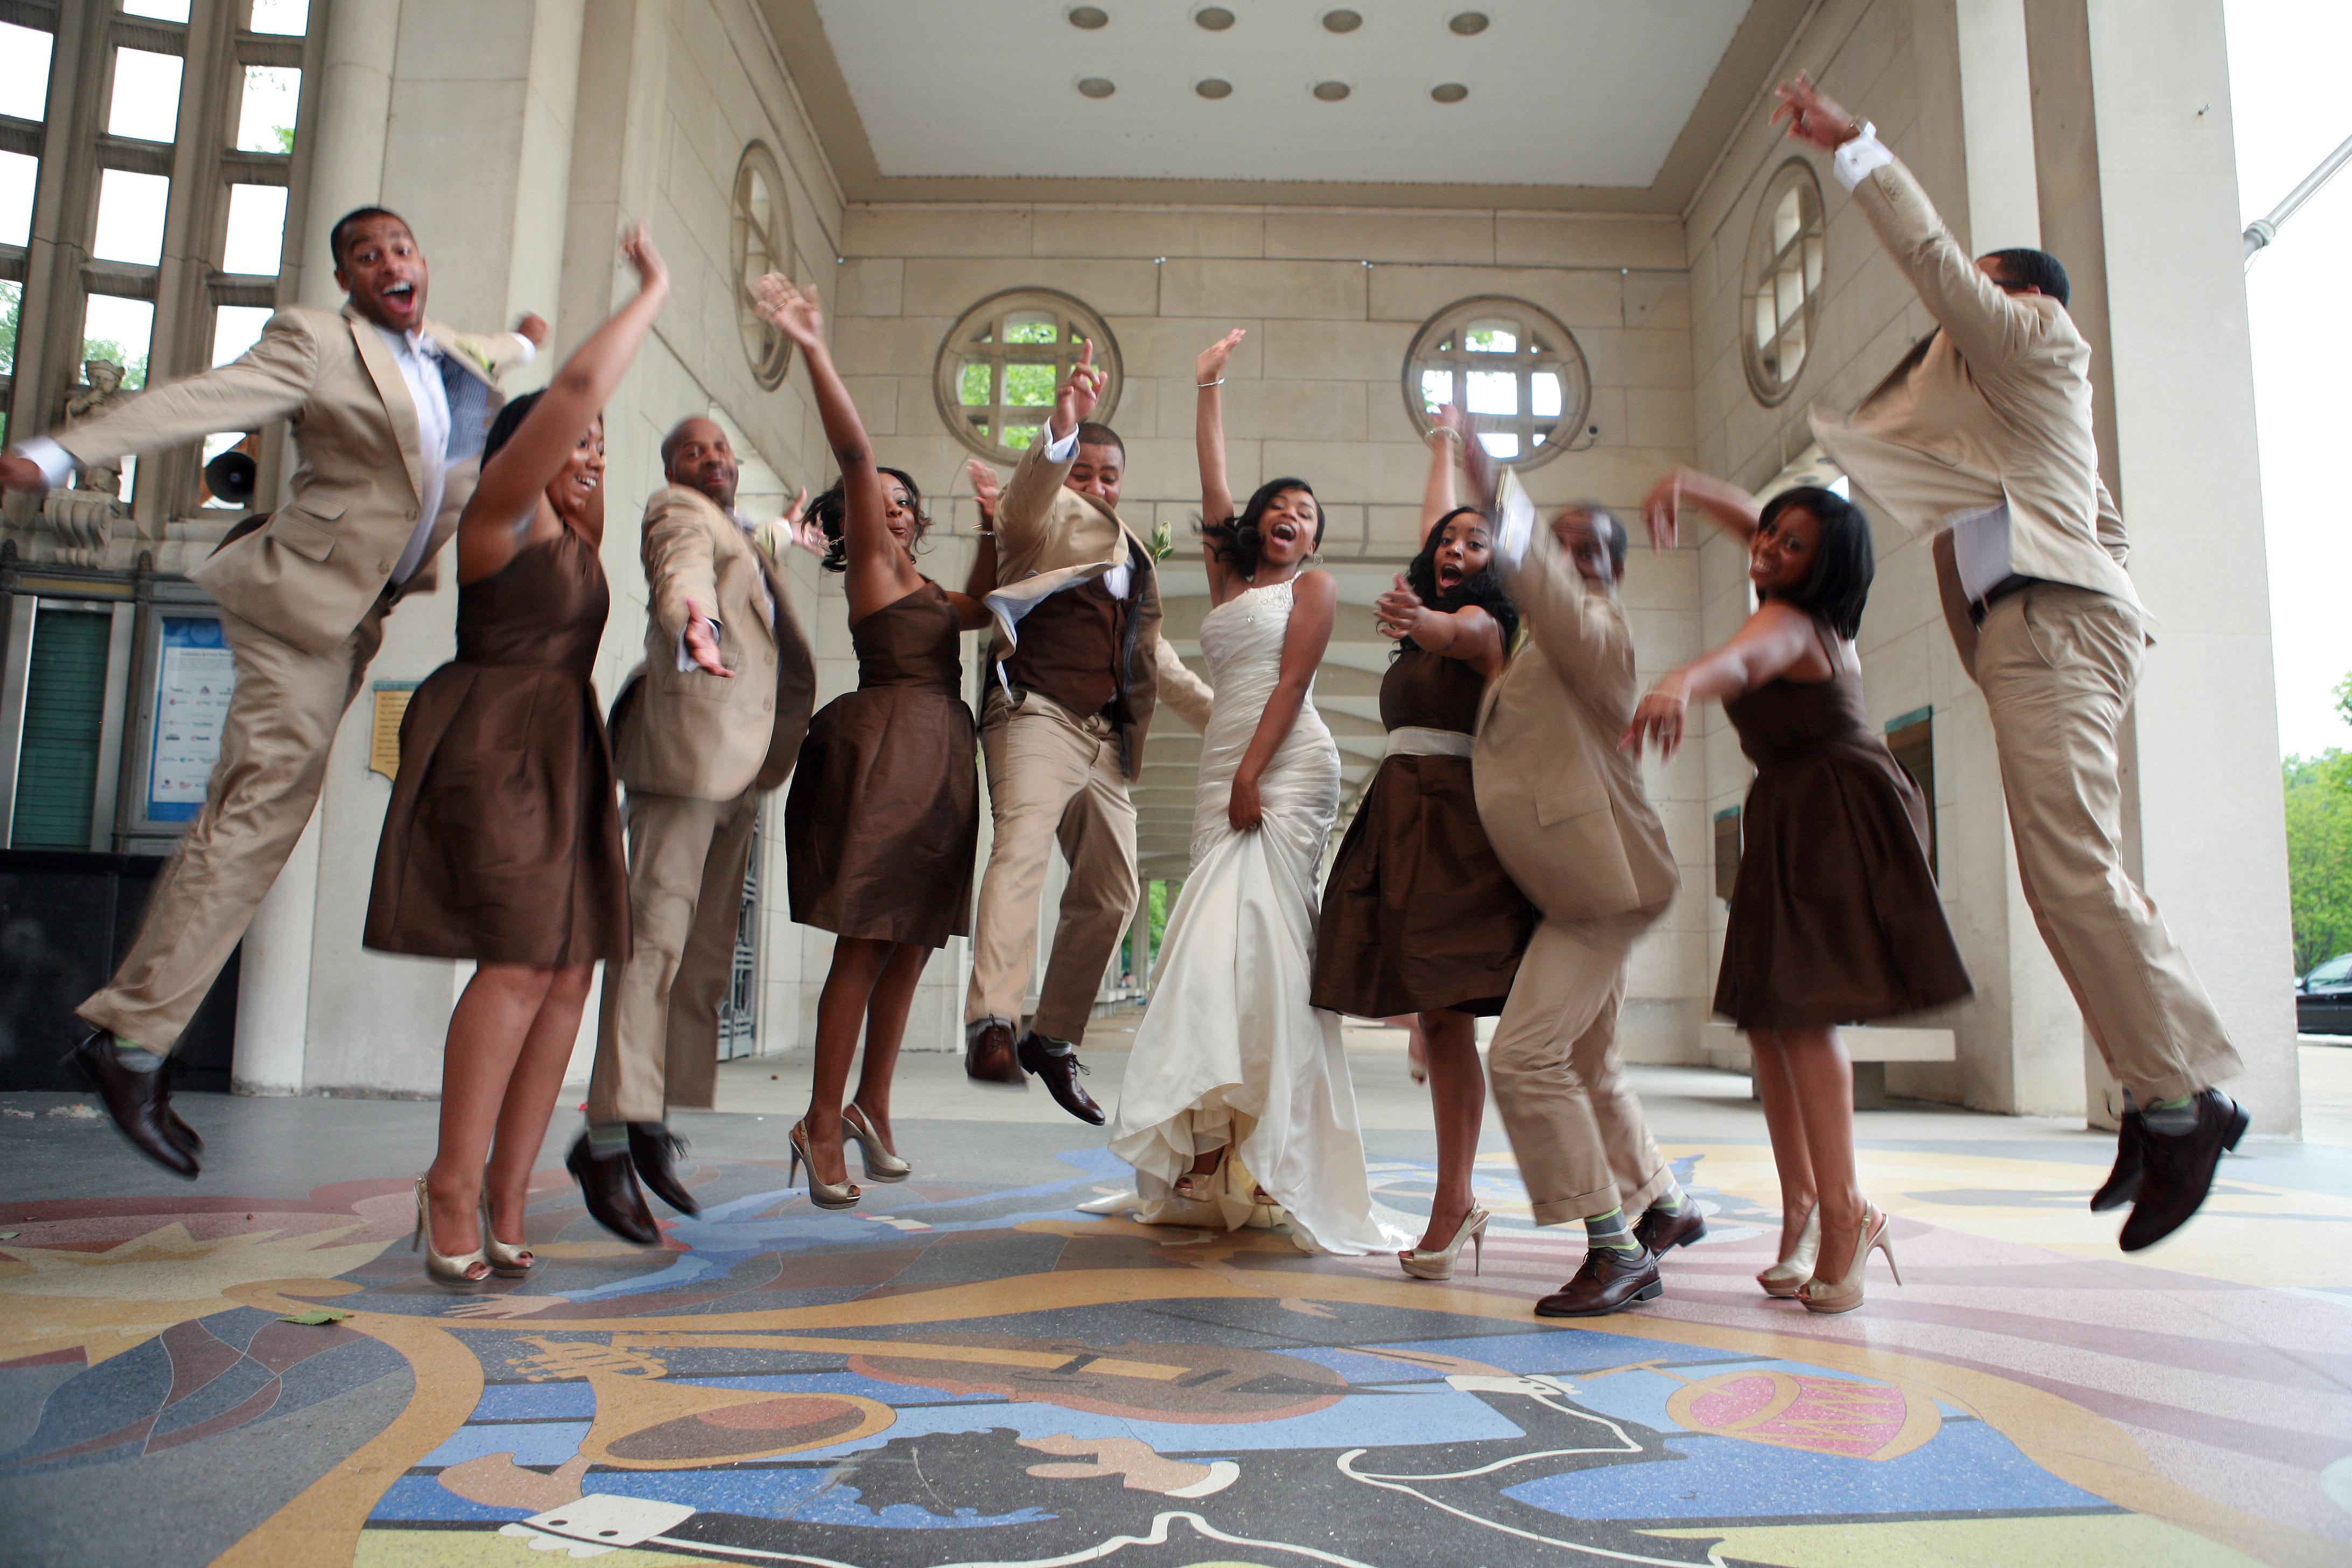 Jumping Bridal Party Pose